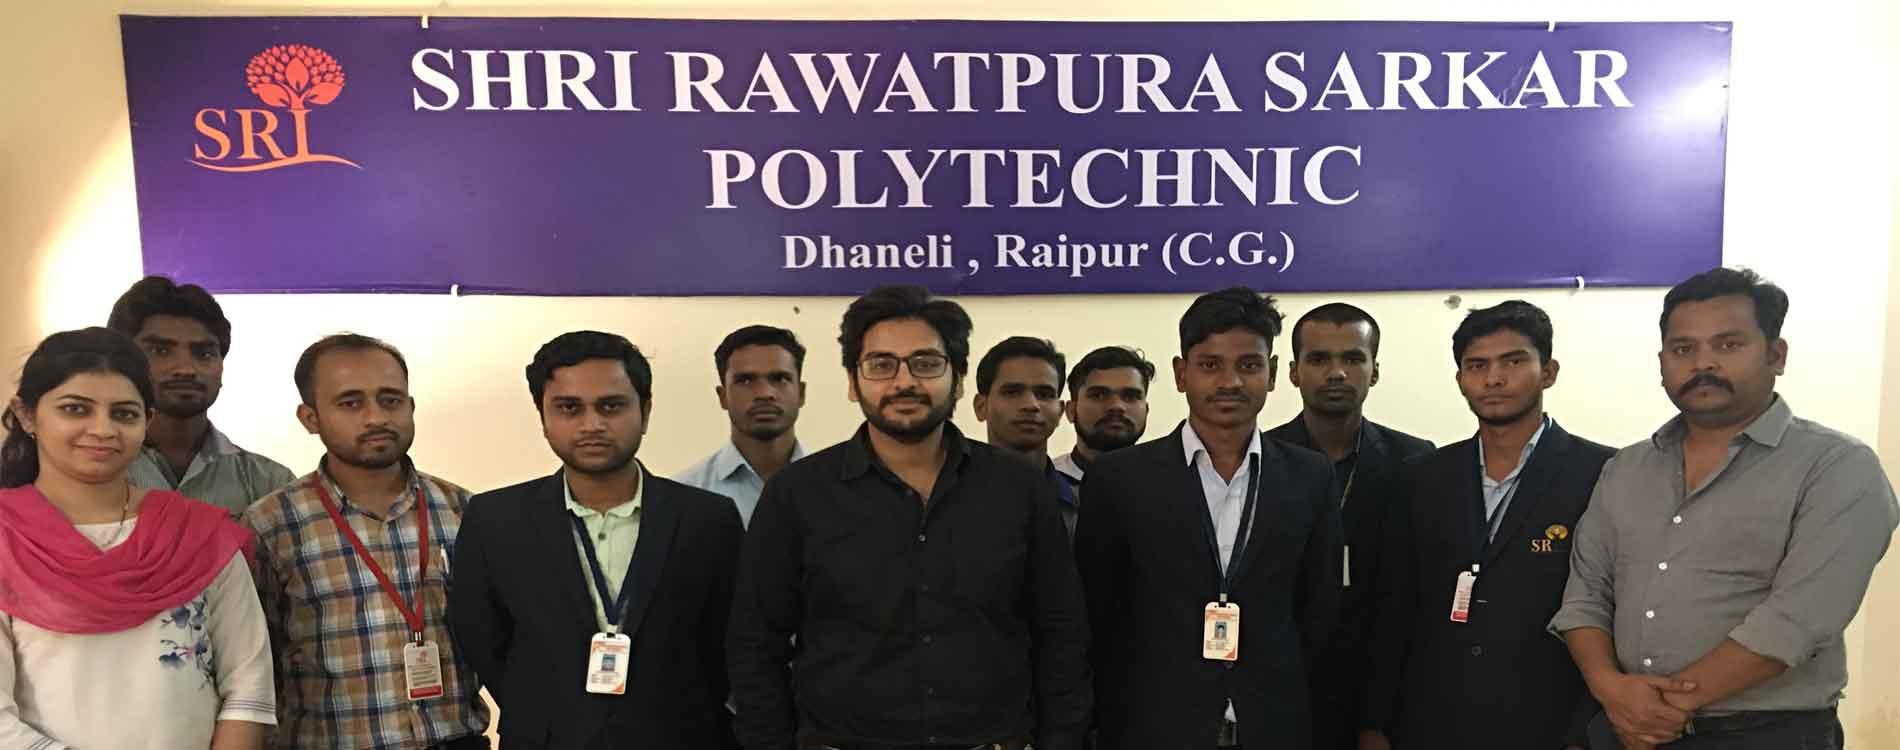 Shri Rawatpura Sarkar Polytechnic